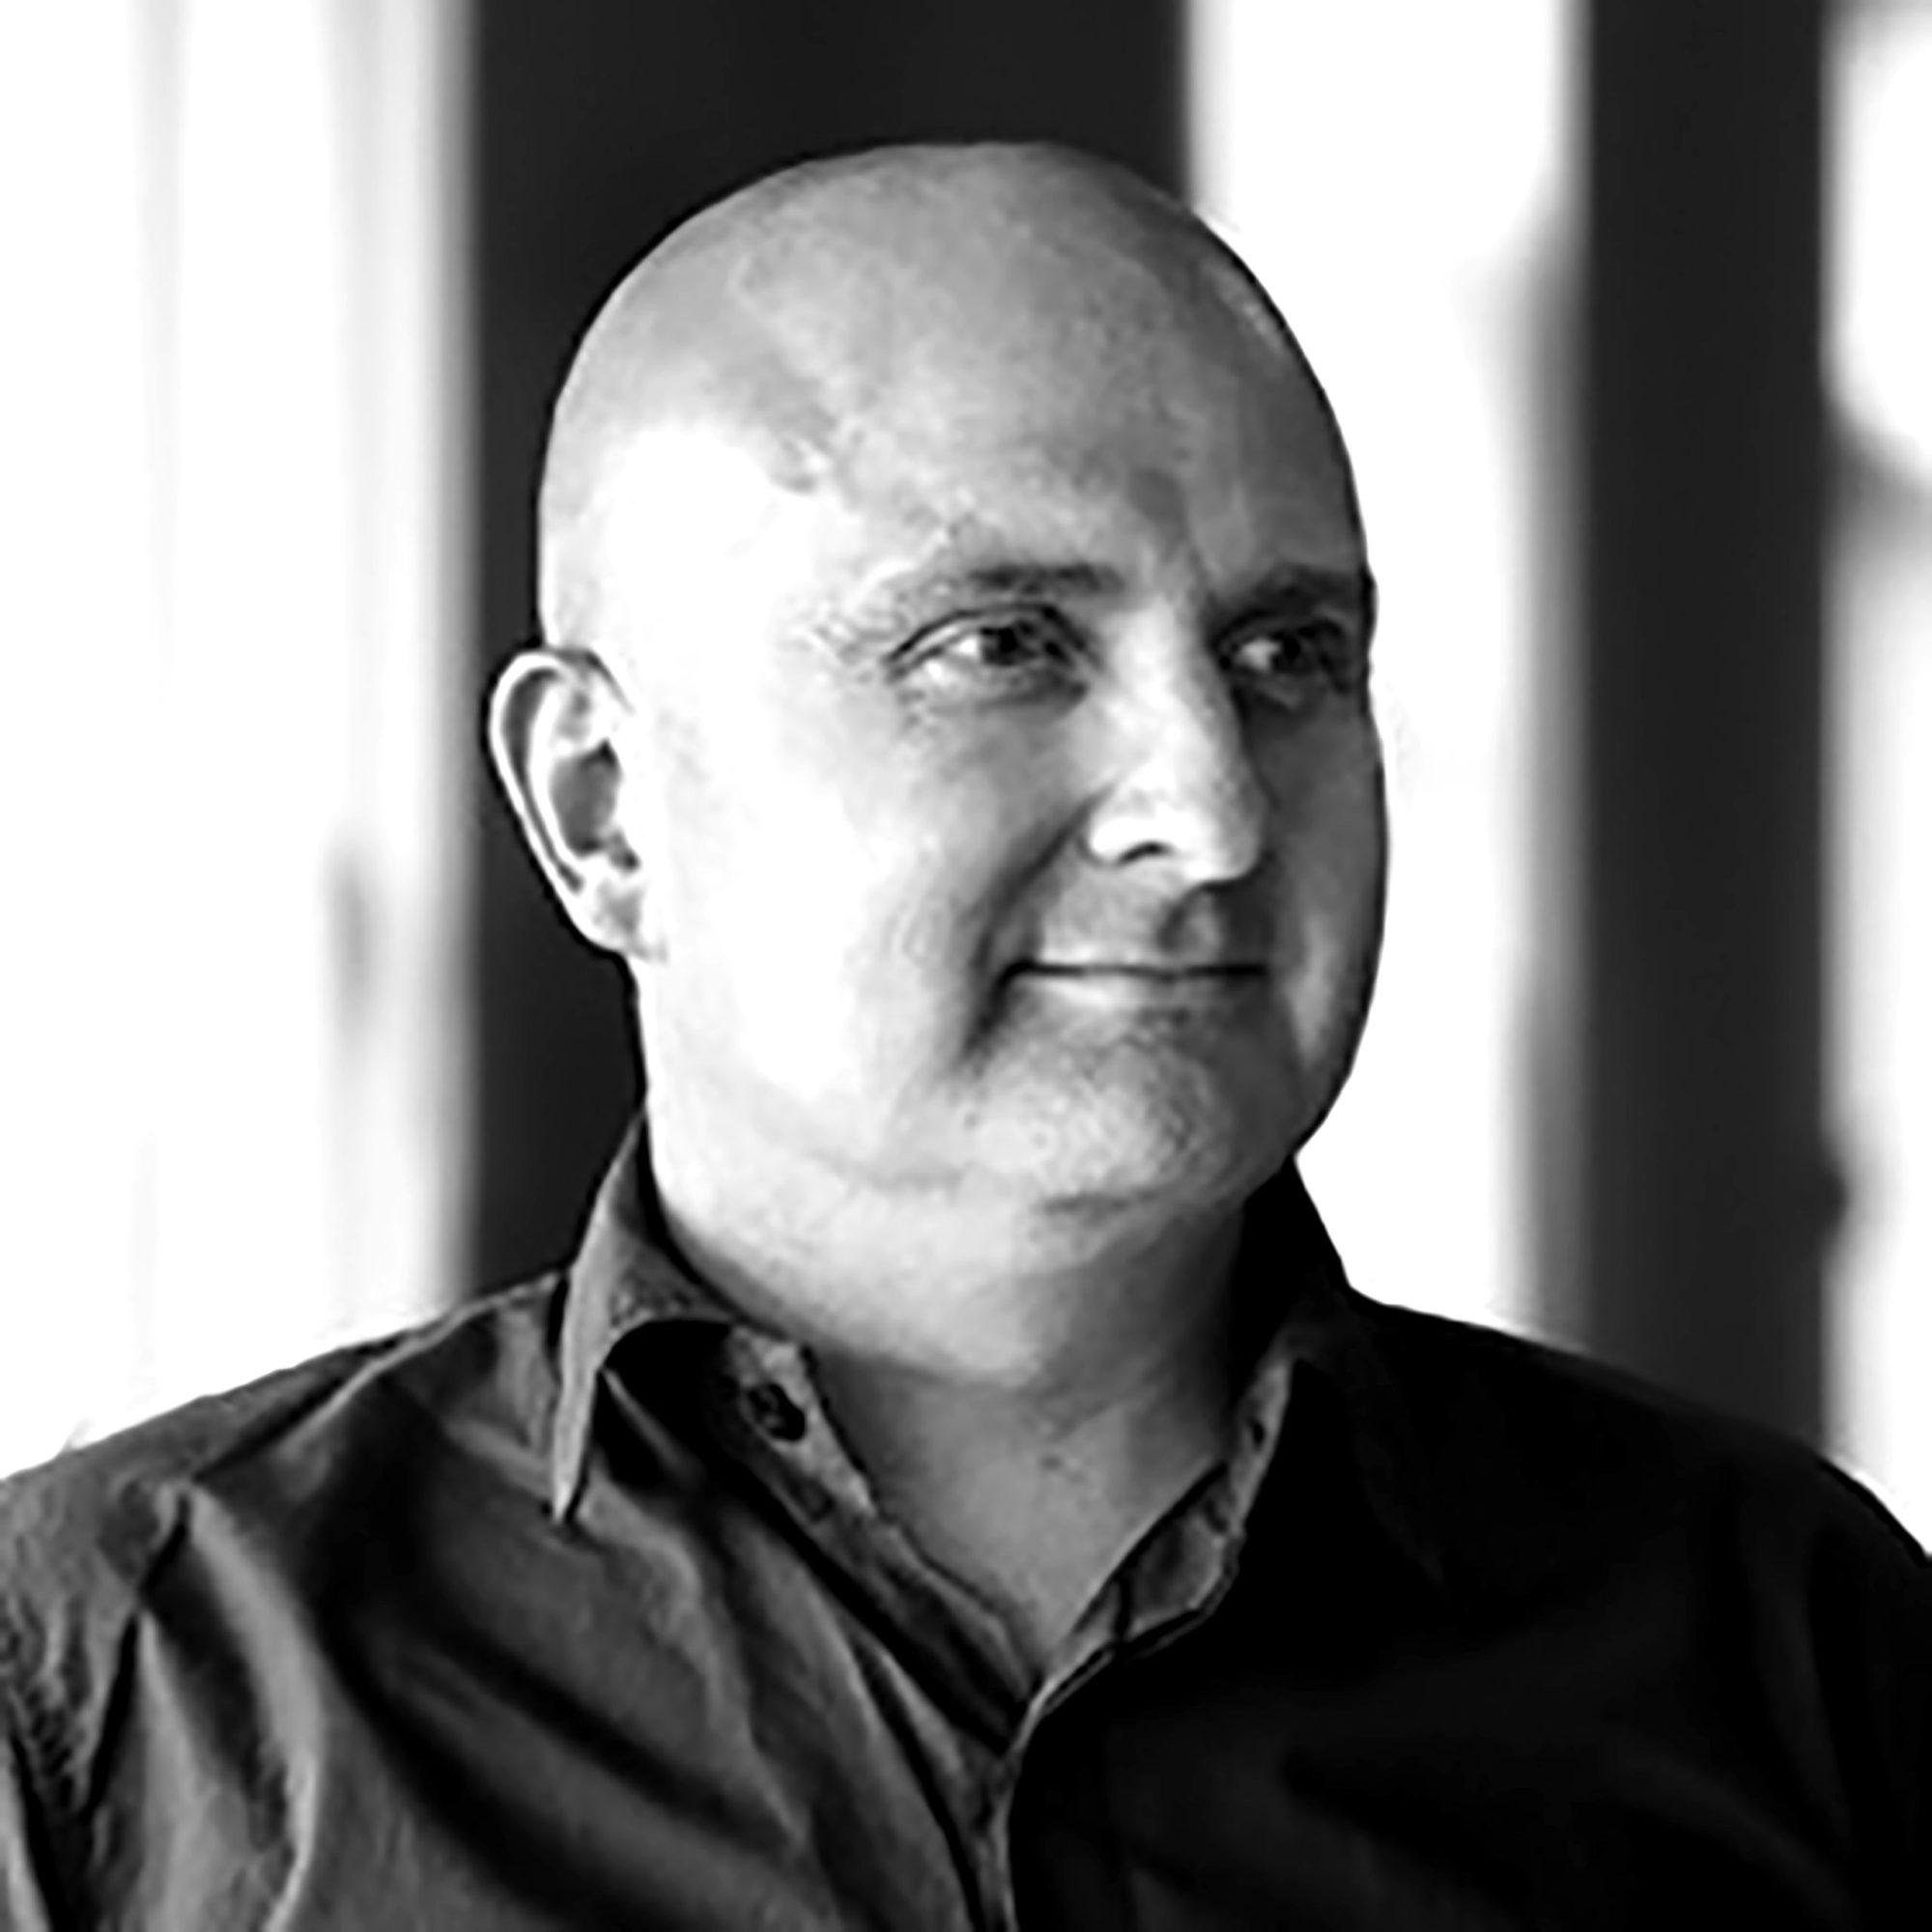 David Tordoff